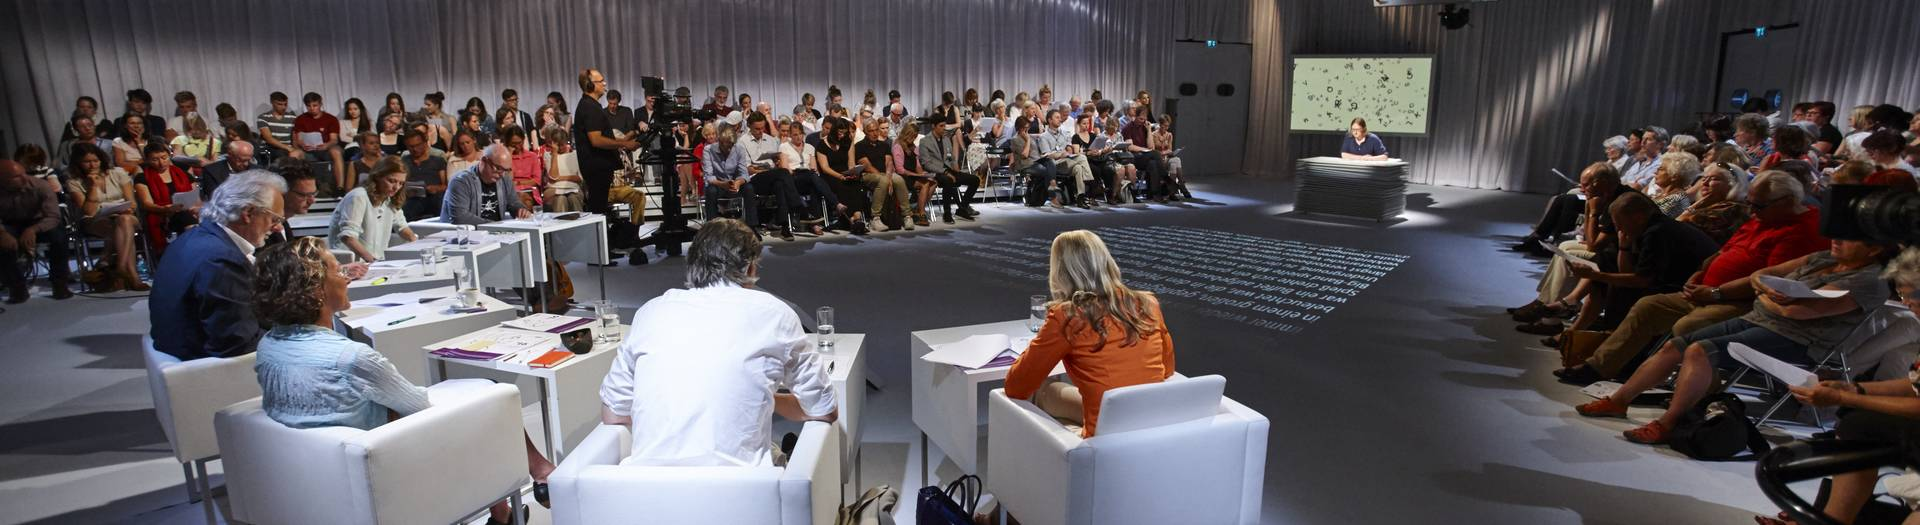 Tage der deutschsprachigen Literatur, Ingeborg-Bachmann-Preis in Klagenfurt